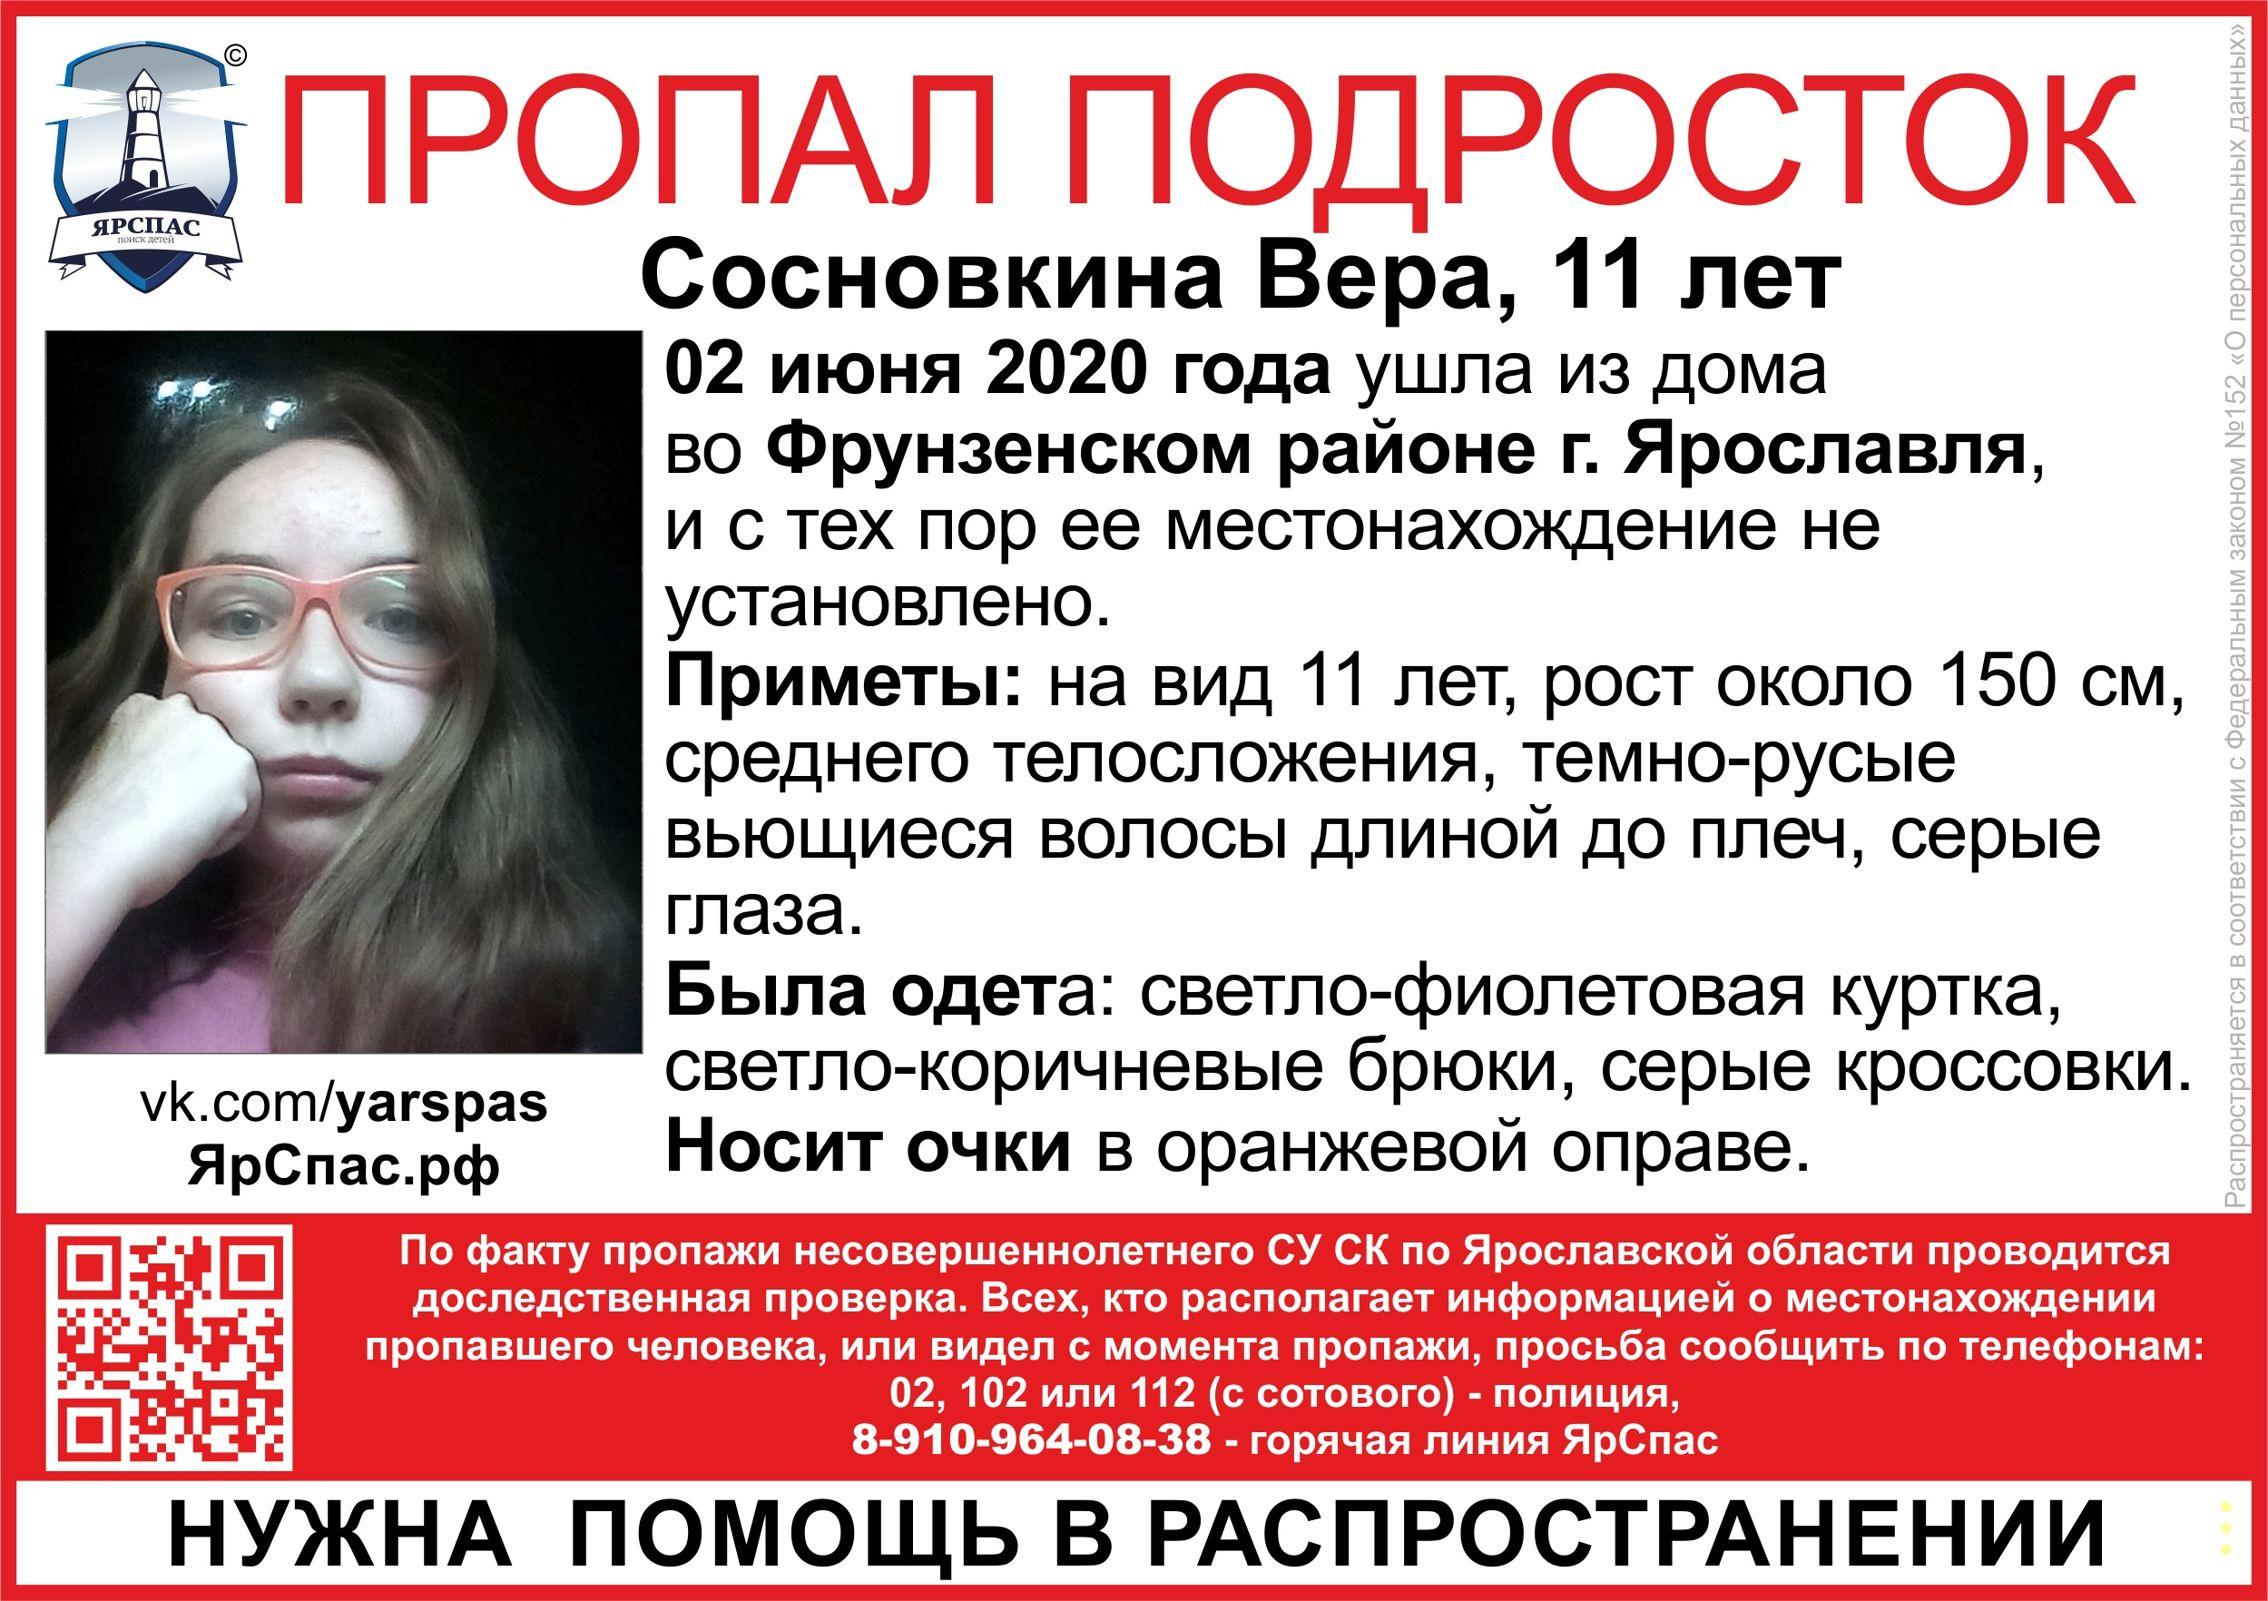 В Ярославле ищут 11-летнюю девочку в очках с оранжевой оправой